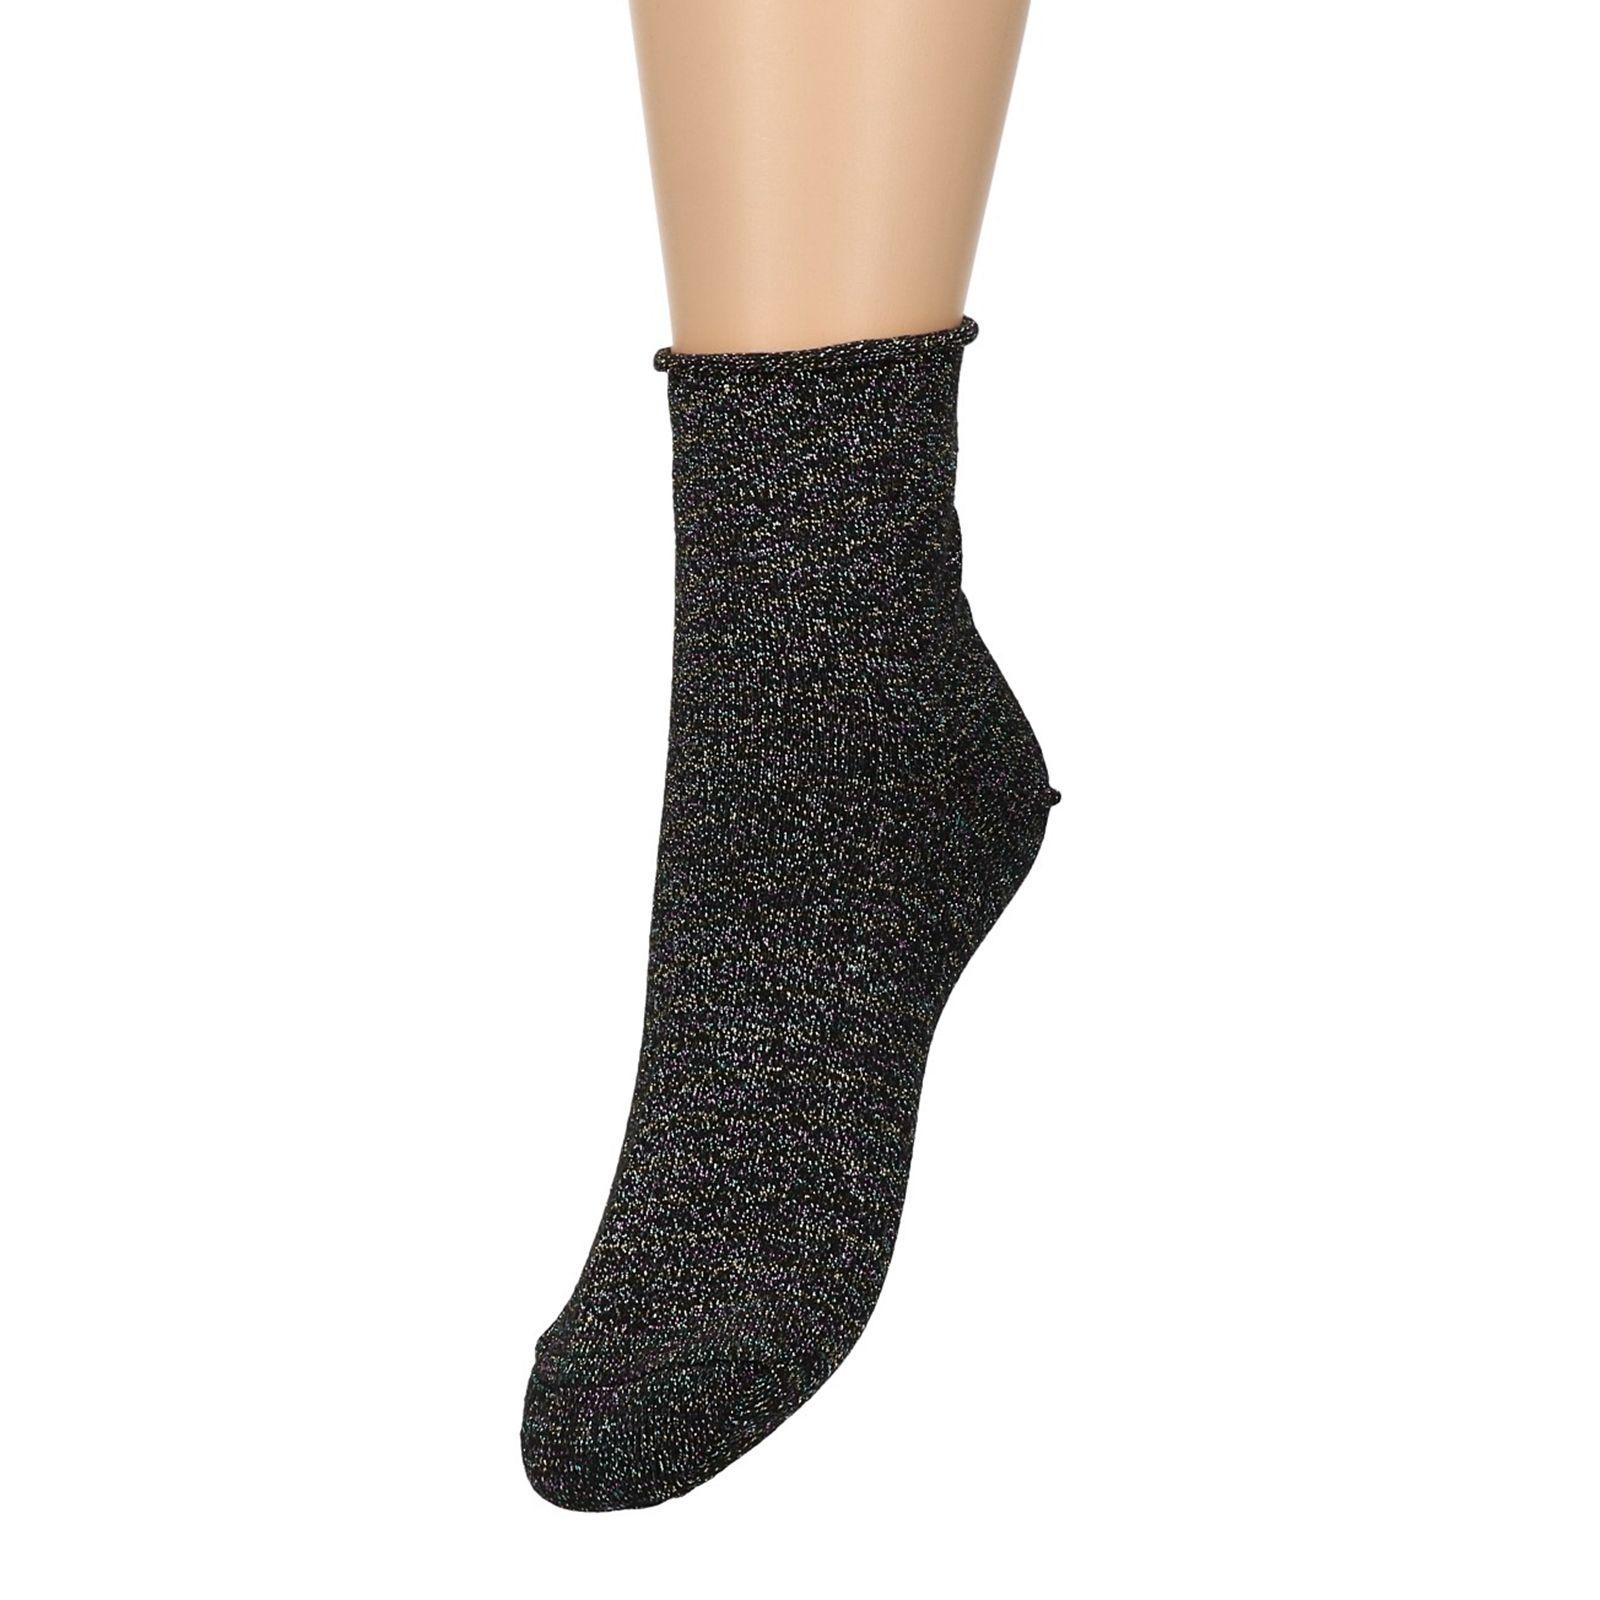 Chaussettes avec paillettes multicolores - noir